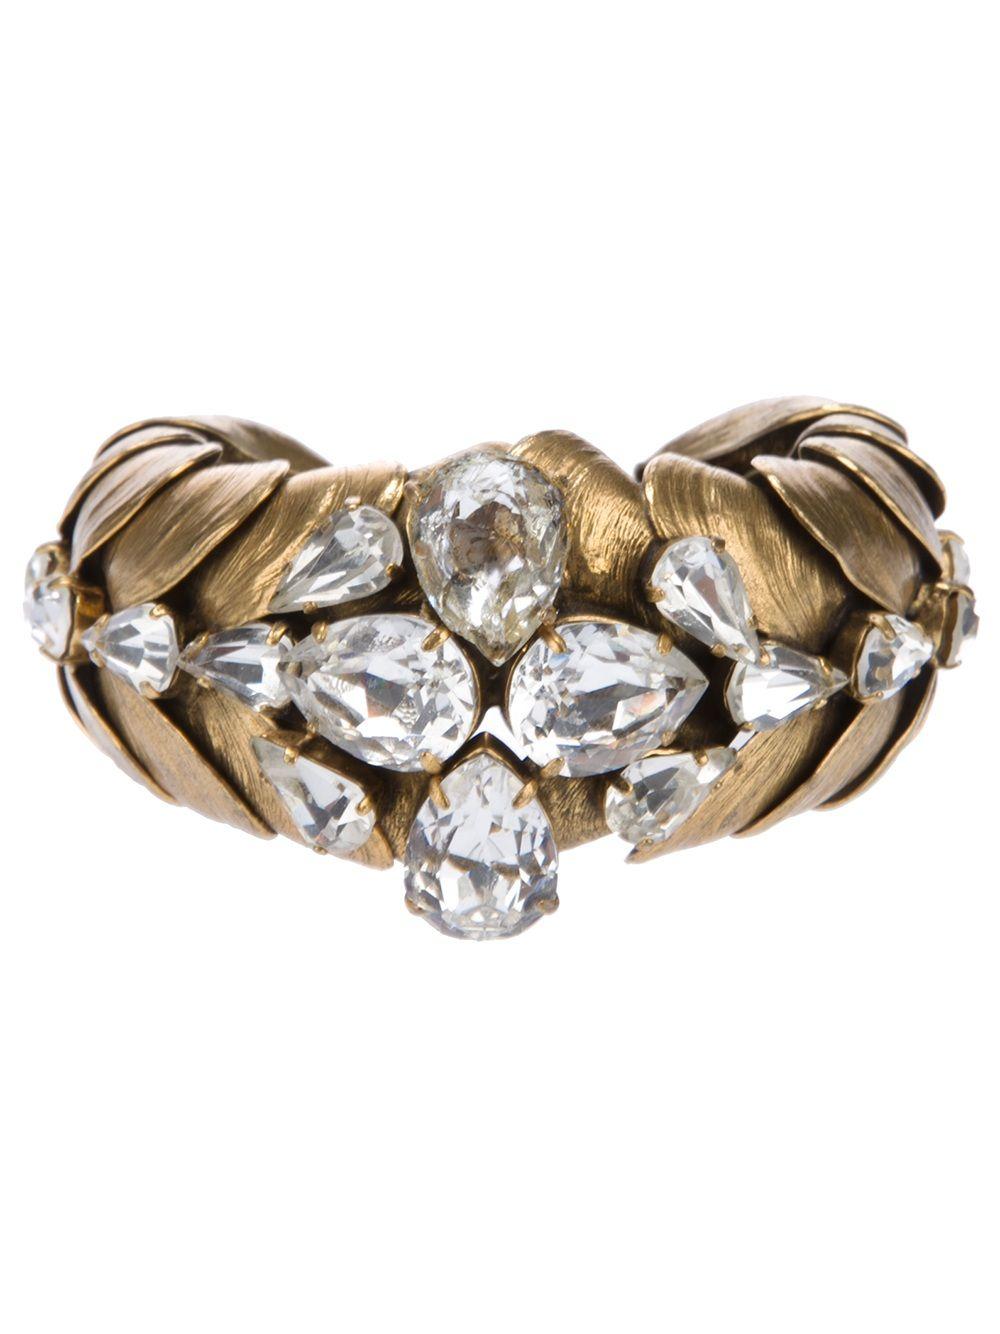 14cdabb067a Yves Saint Laurent Vintage Mussel Bracelet - Rewind Vintage Affairs -  Farfetch.com